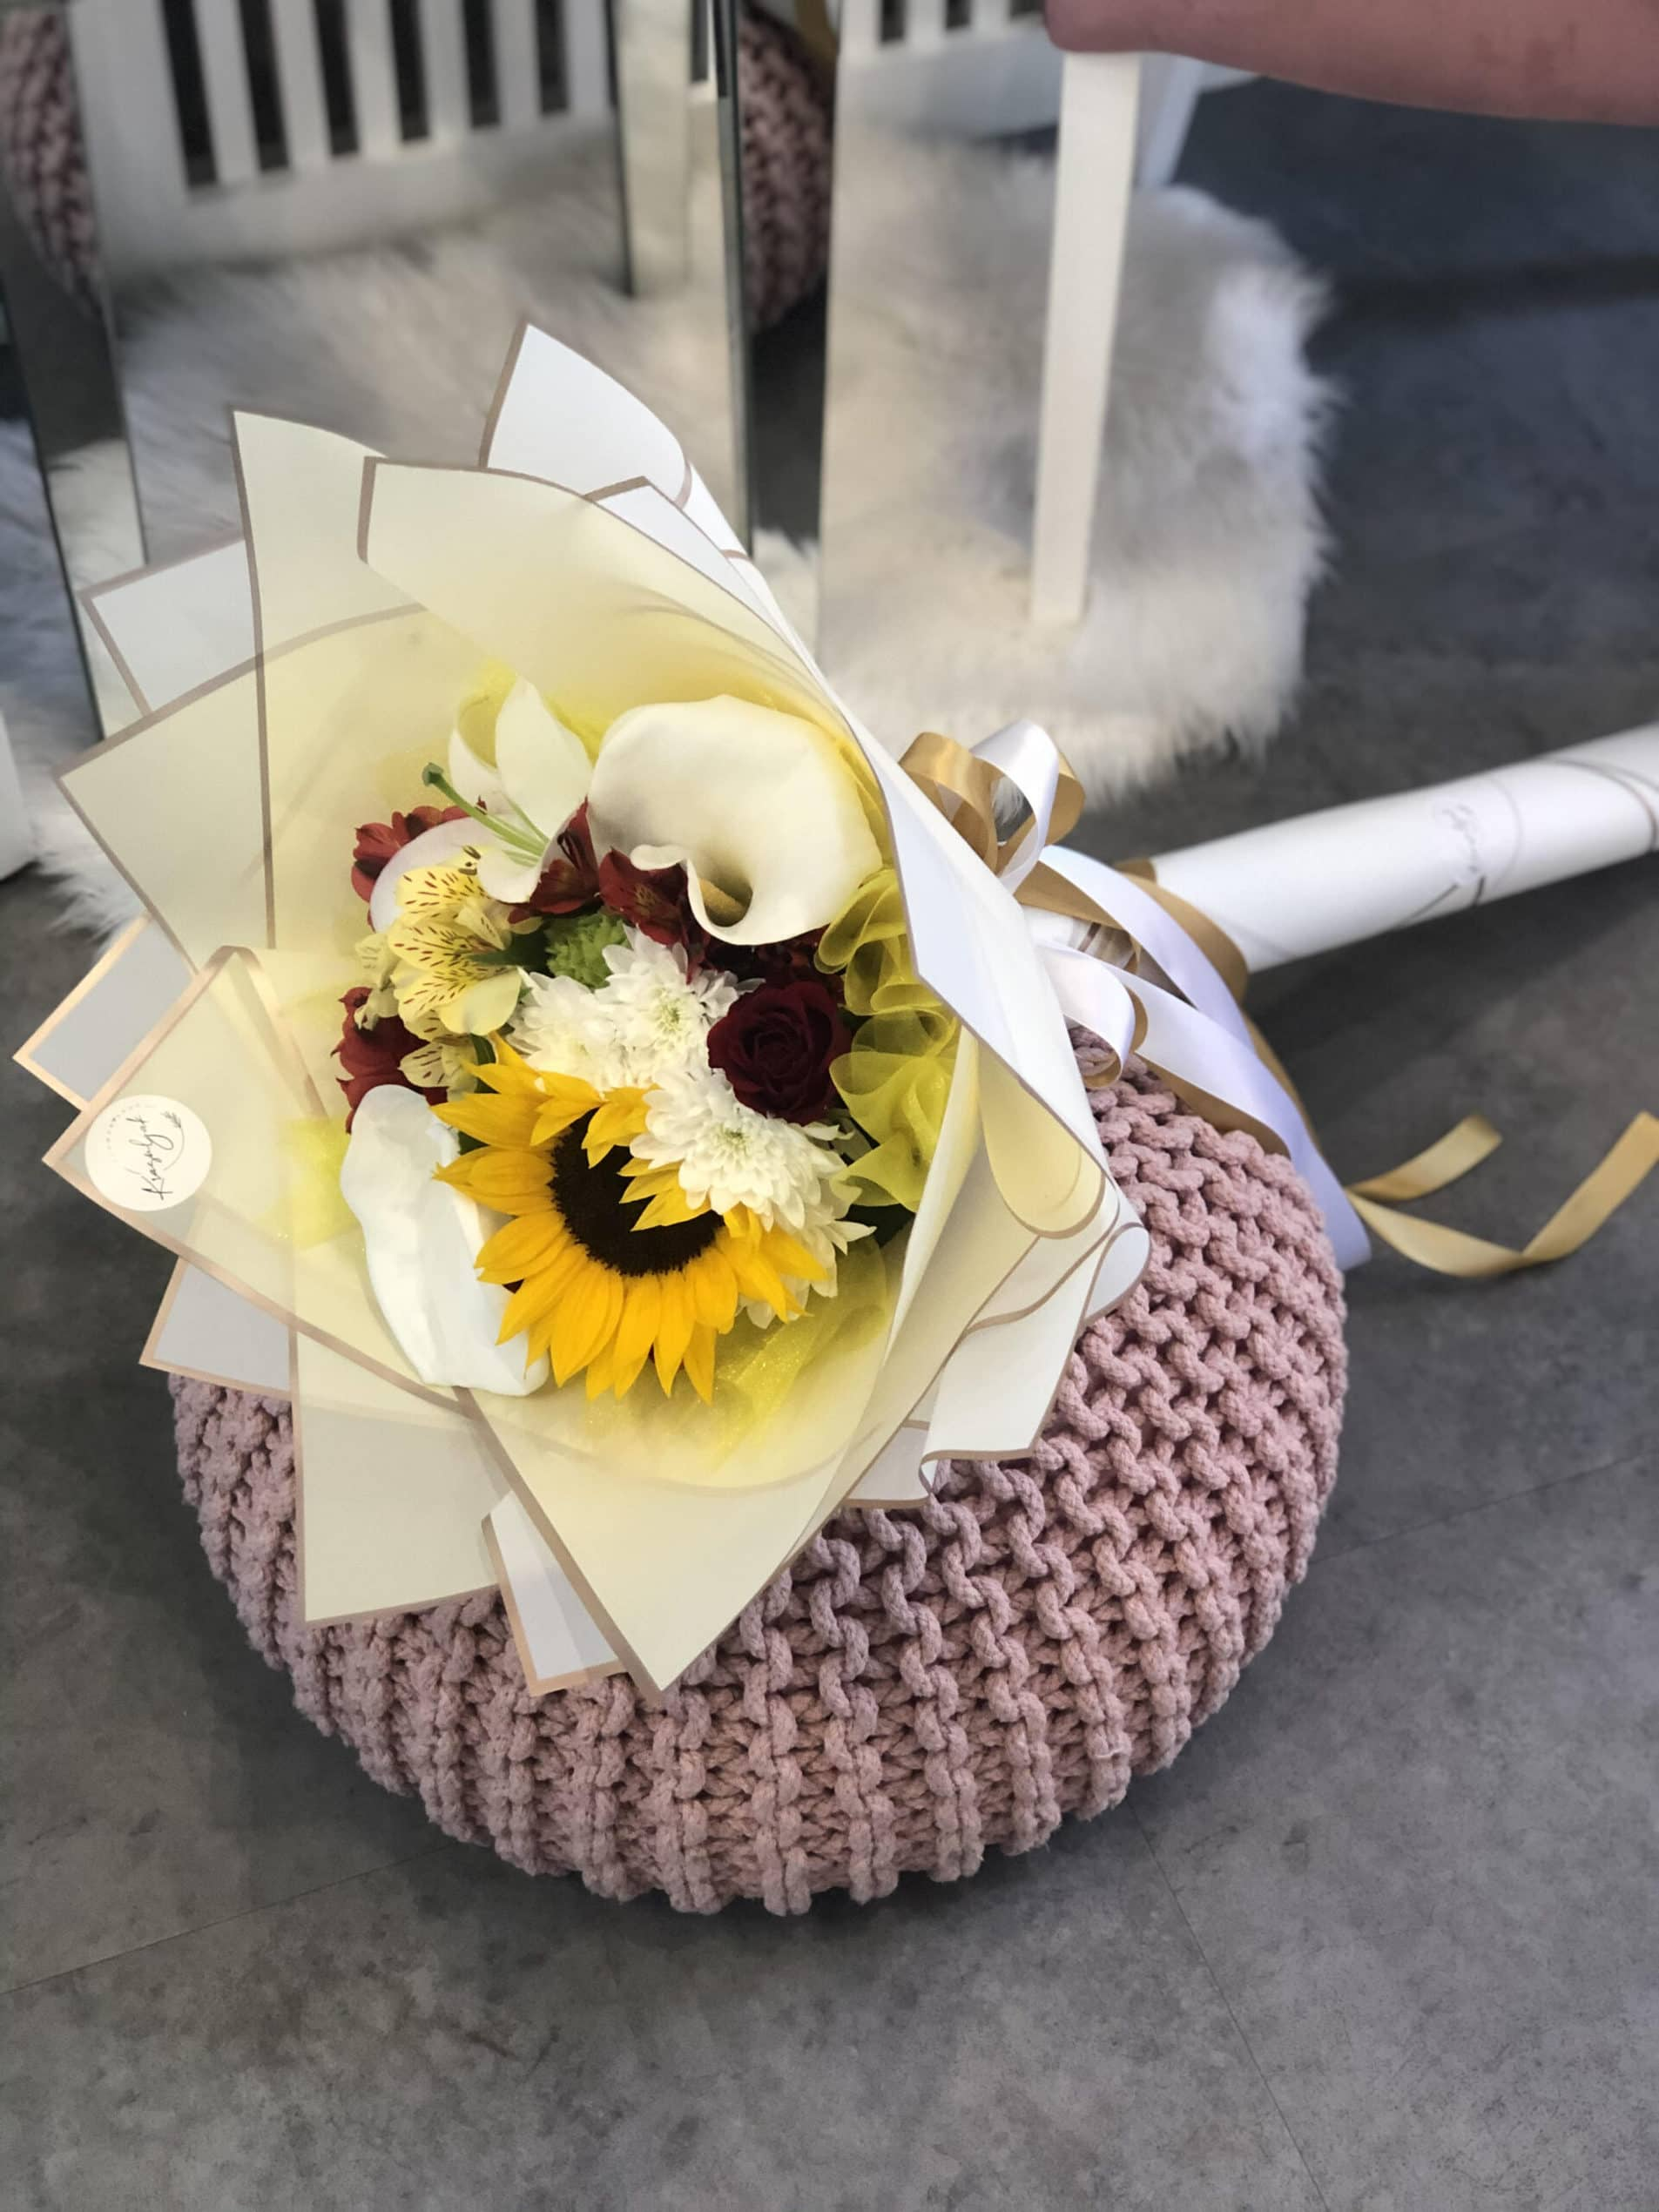 Cveće - buket cveća (suncokret, ruže) u belom ukrasnom papiru